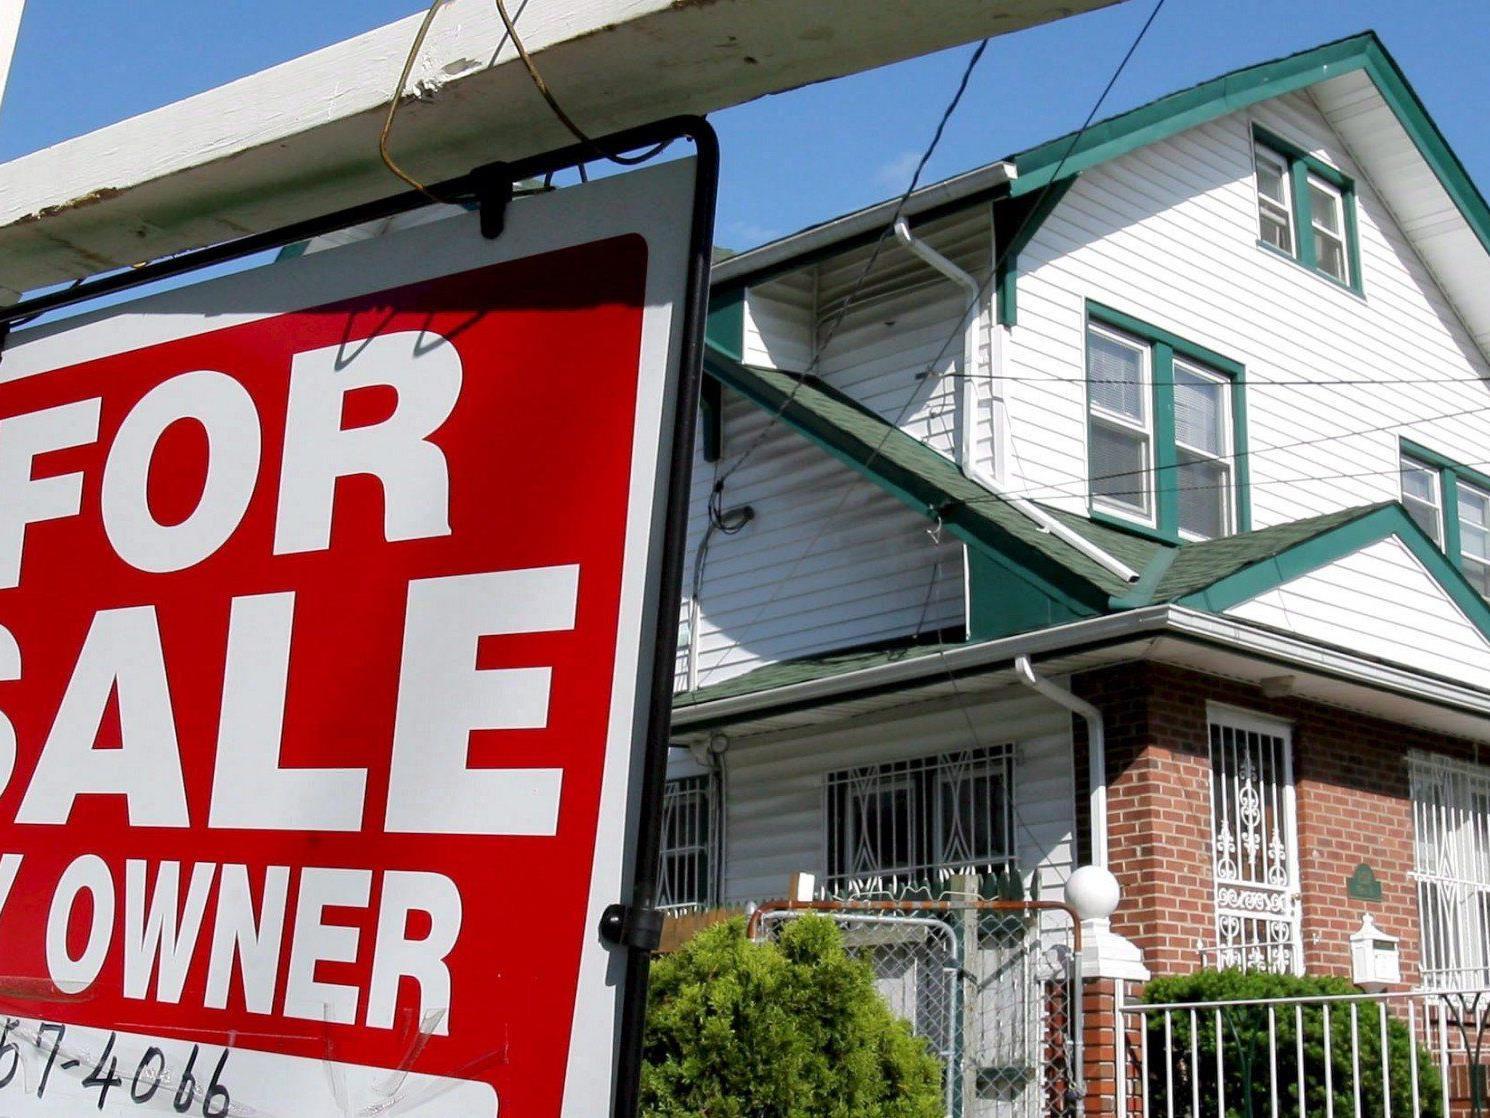 Viele Schuldner hätten ihr Haus zu Unrecht verloren, so die Bankenregulierer.